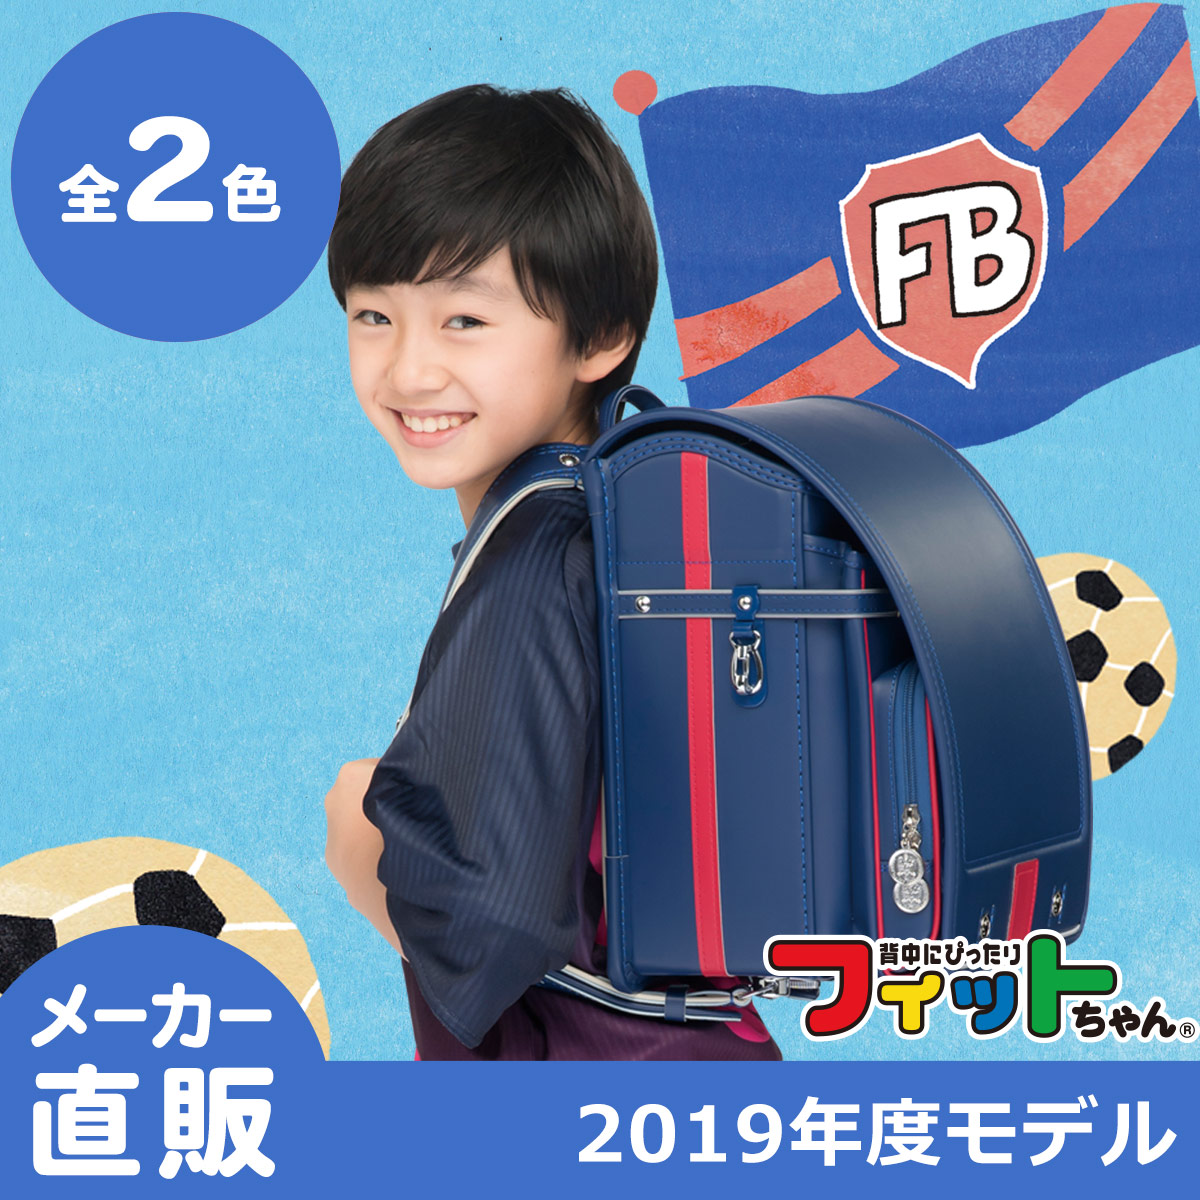 ランドセル 男の子 フィットちゃん フットボーイ(FIT-212Z)2019年モデル フィットちゃんランドセルA4フラットファイル収納サイズ